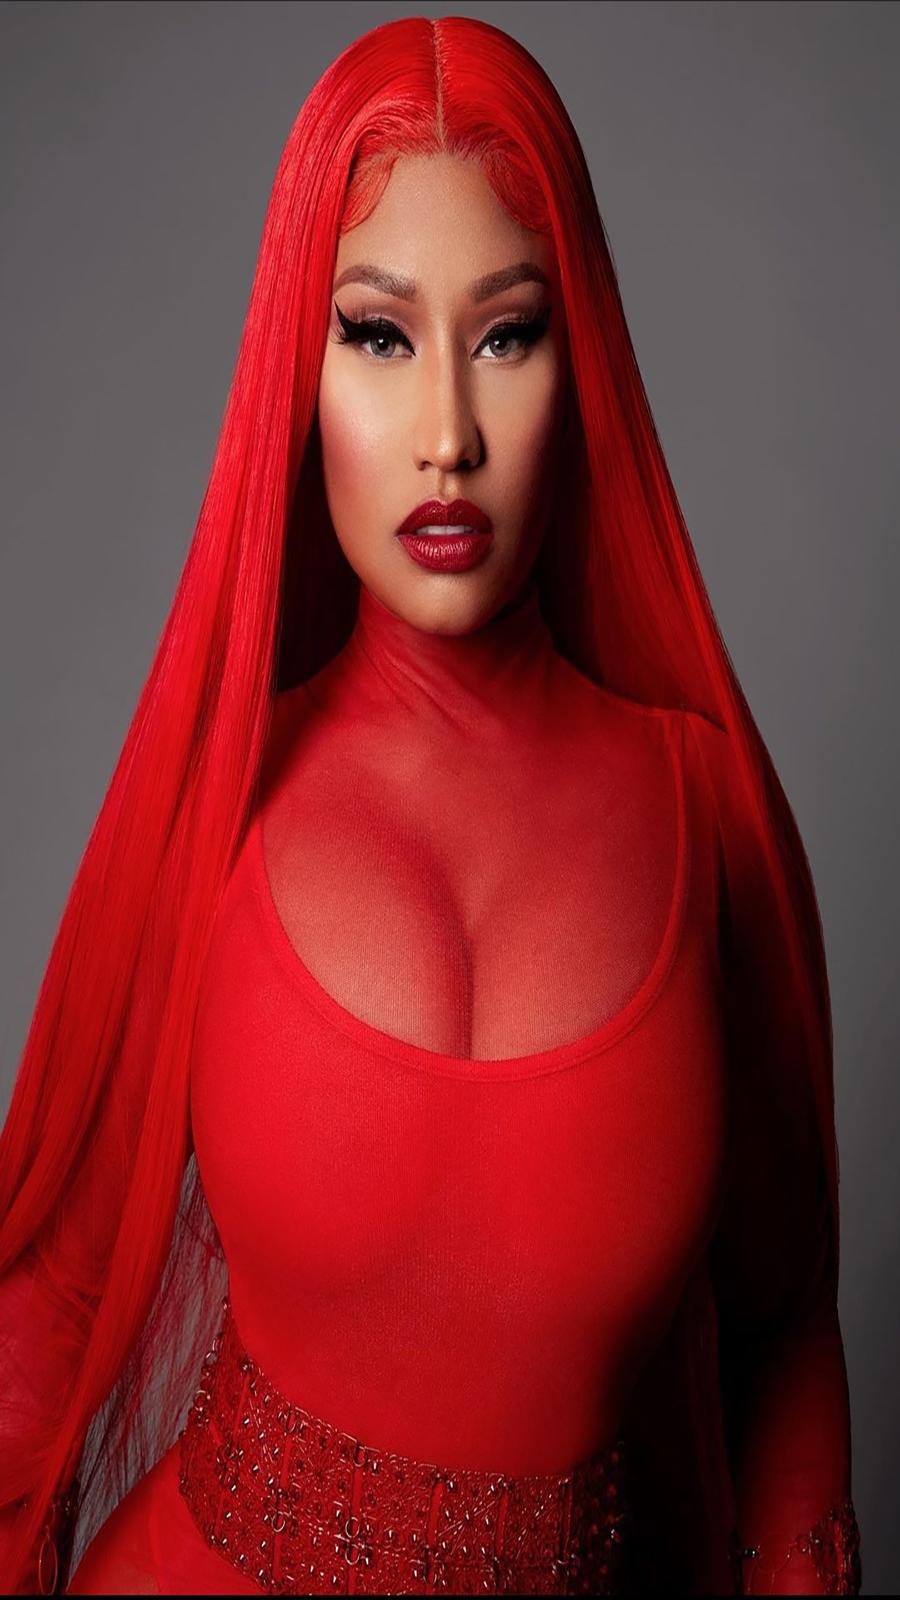 Sexy Nicki Minaj Wallpapers Free Download